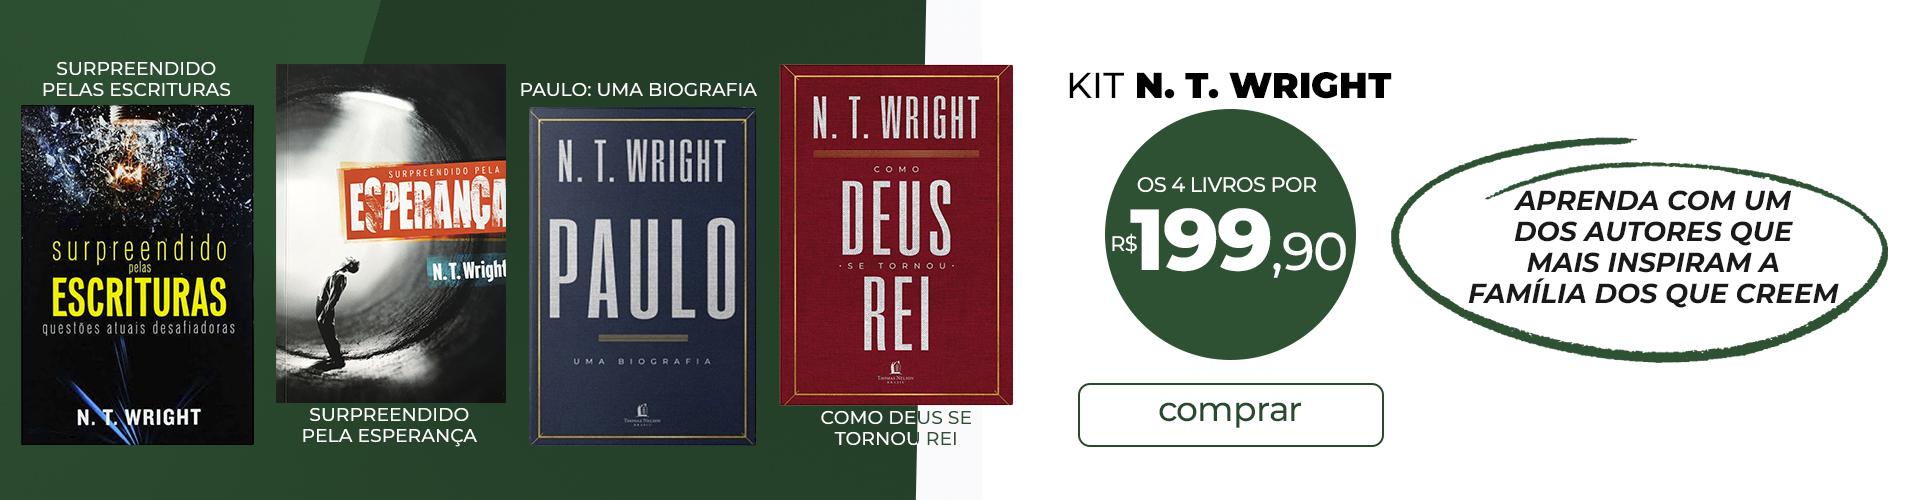 KIT N. T. WRIGHT